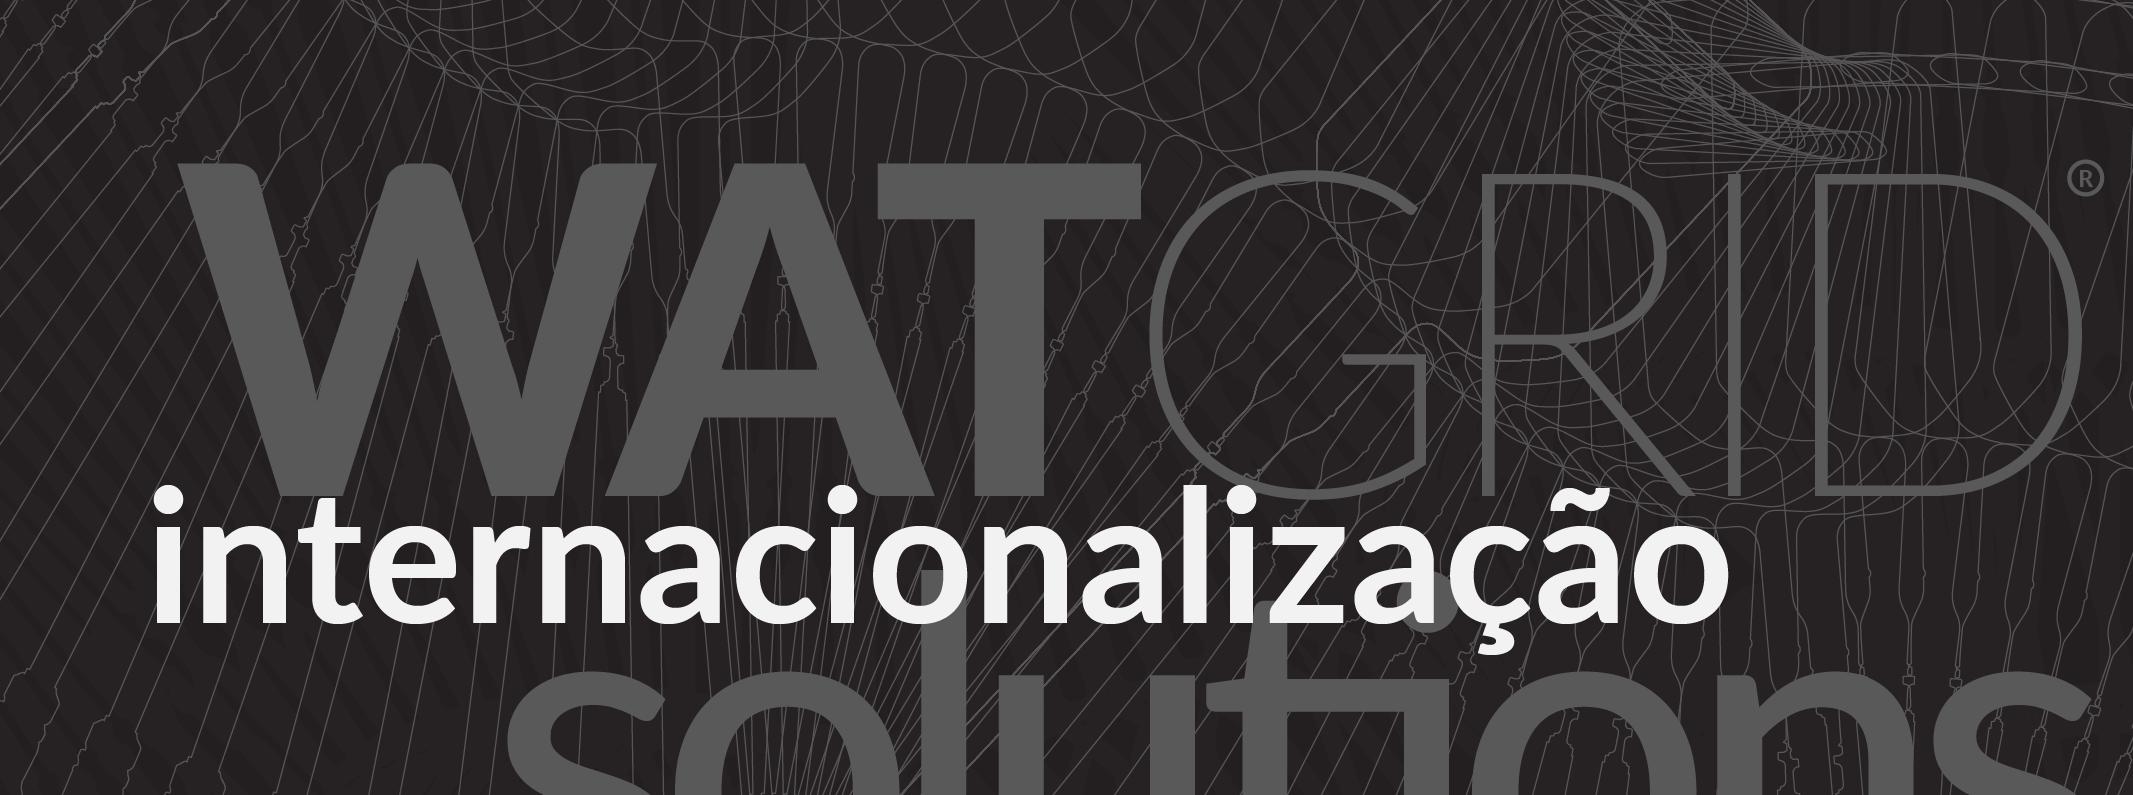 Research-x-Internacionalização-02